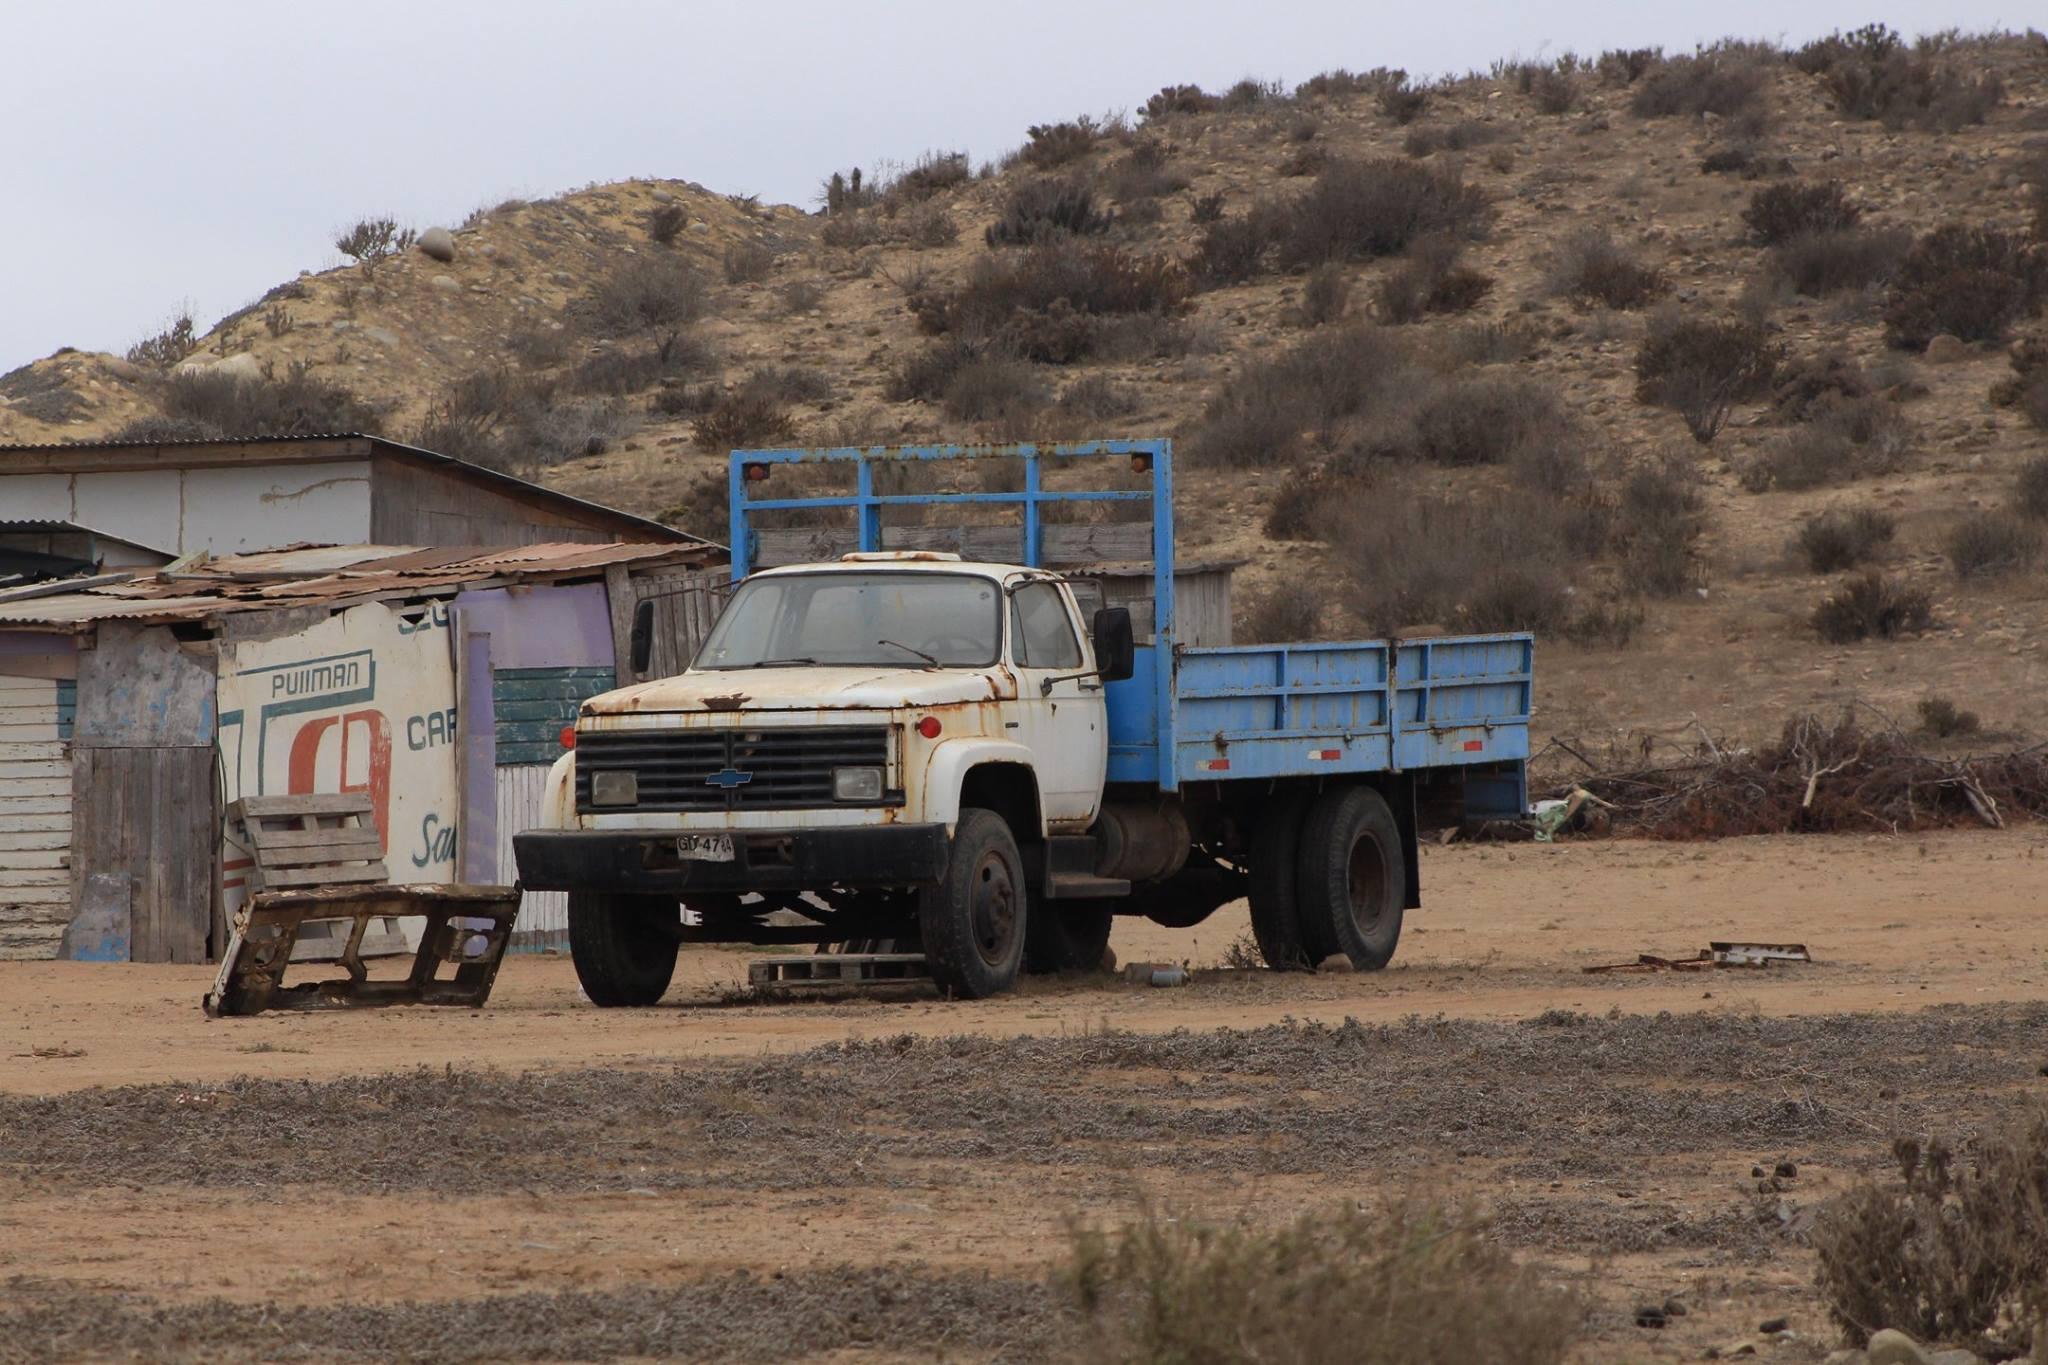 Camiones-vieja-escuela-olvidados-7